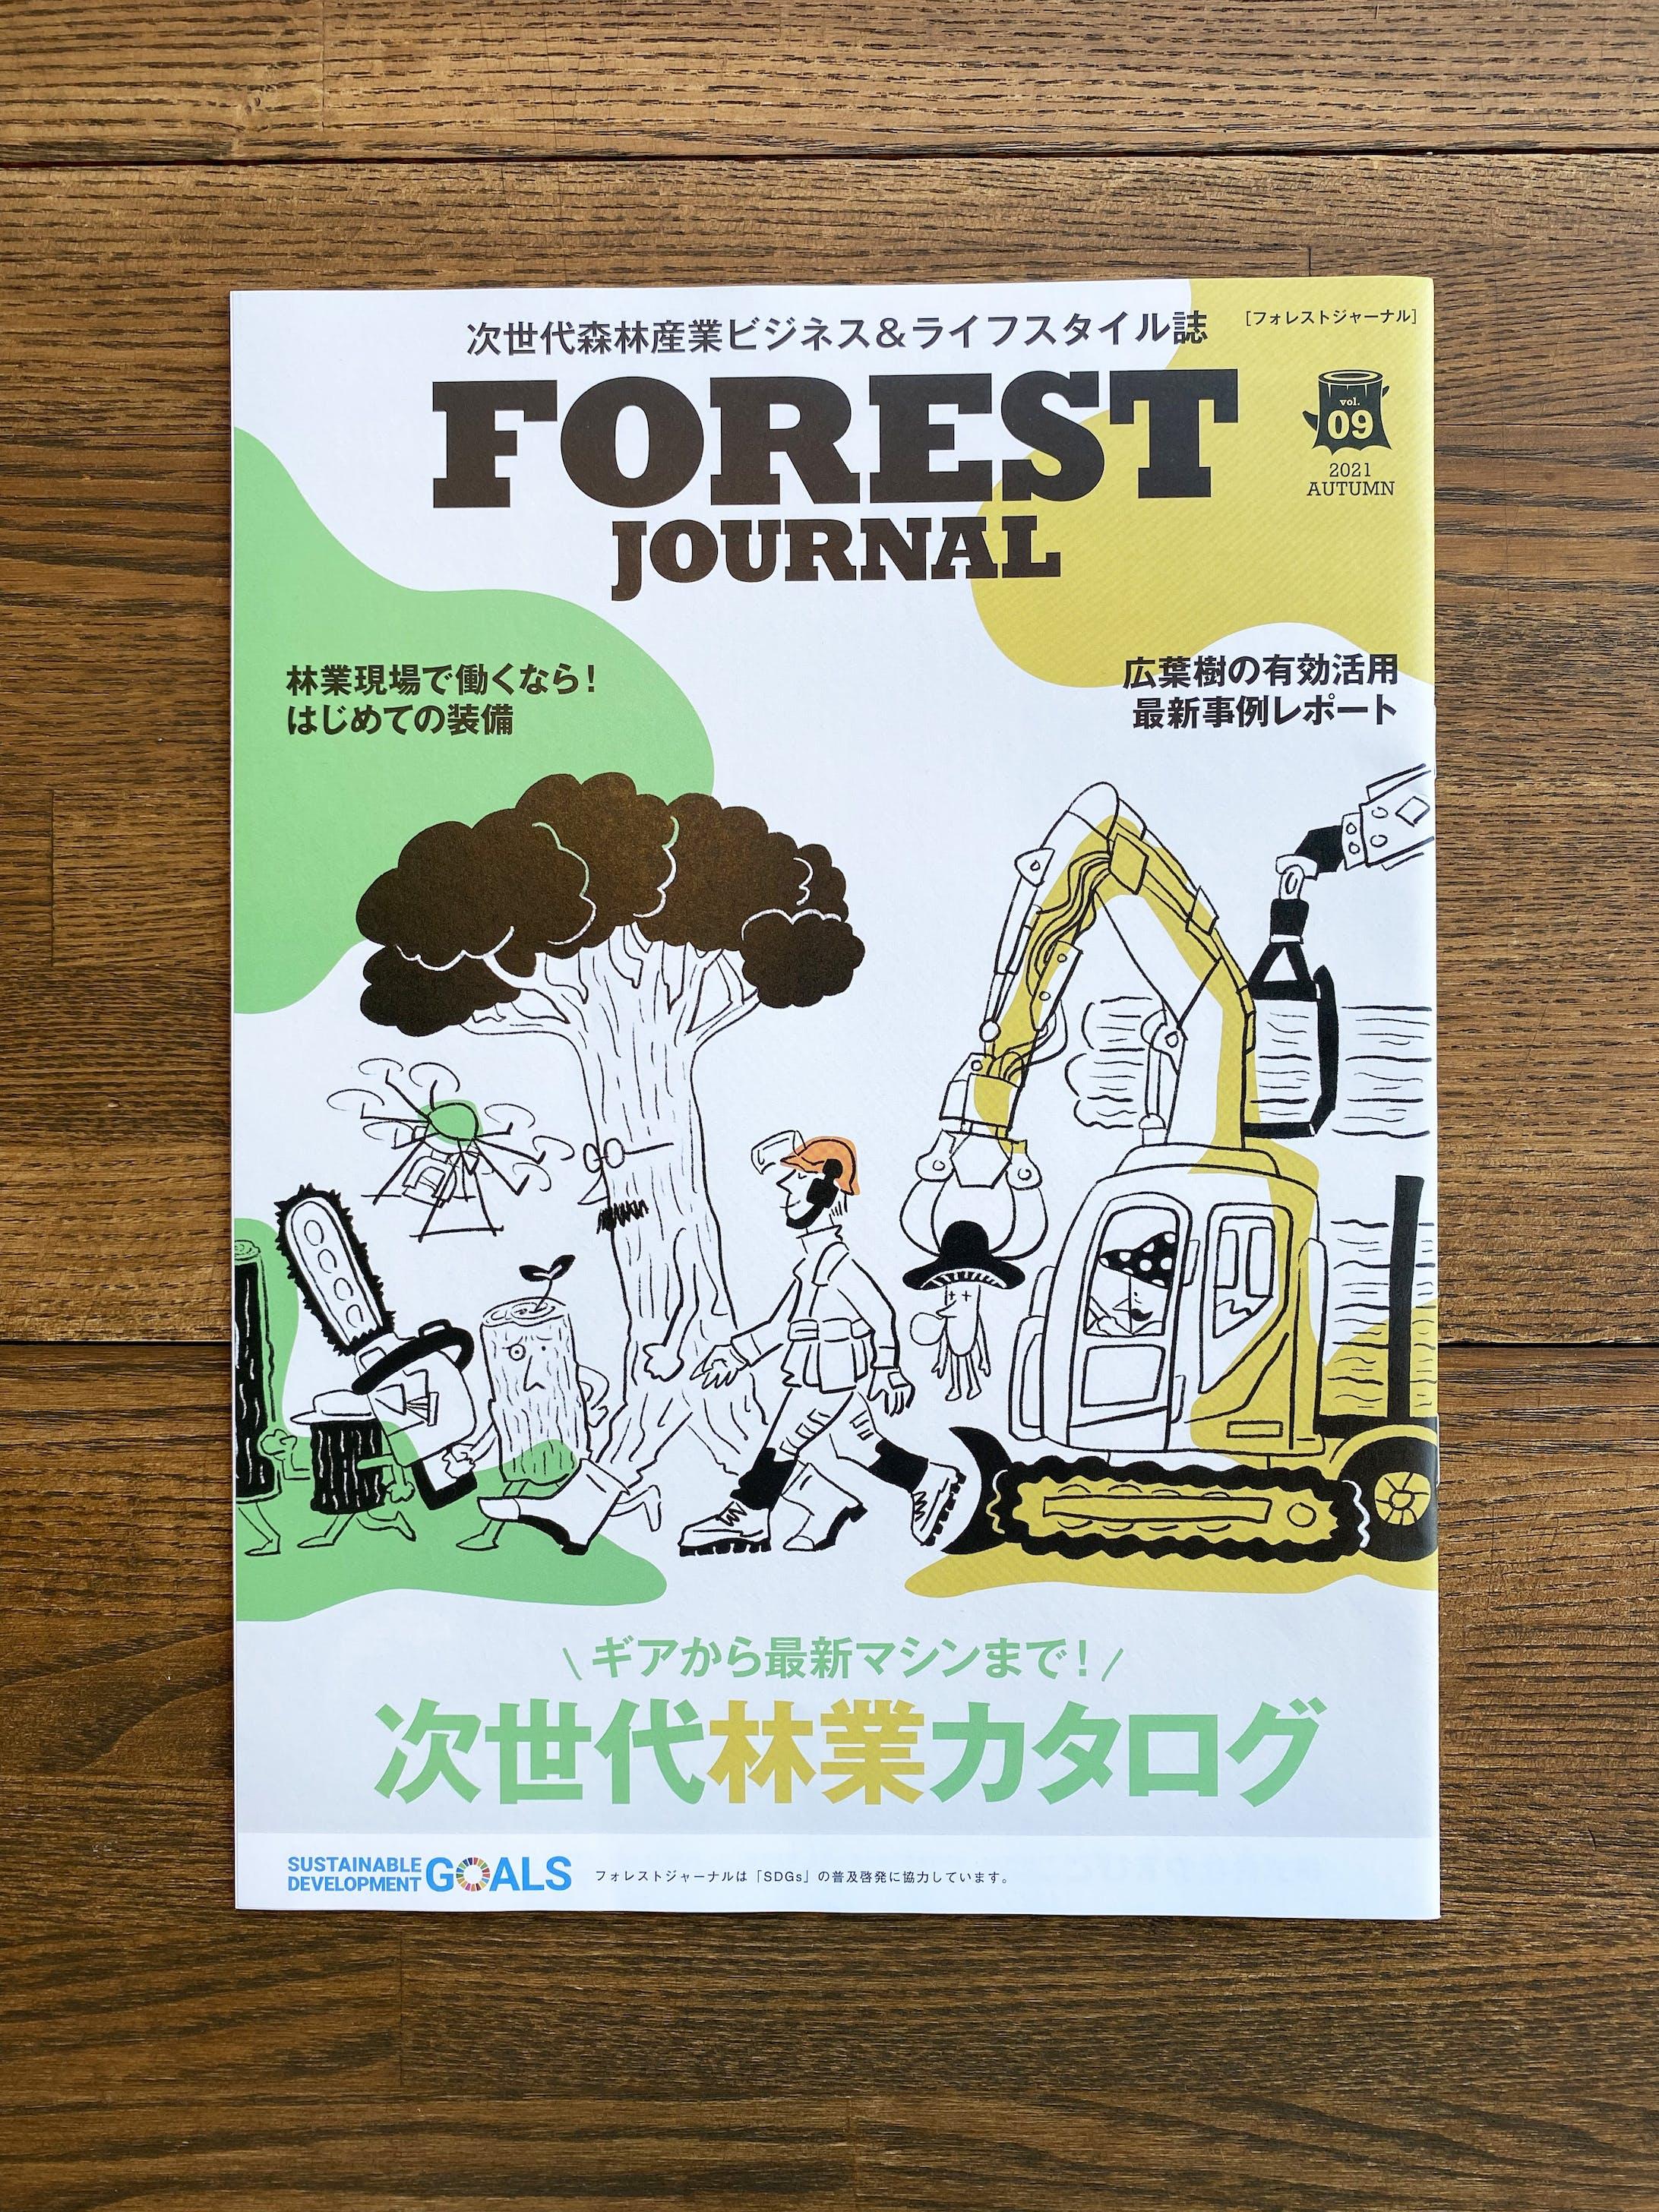 【フリーマガジン】フォレストジャーナル:表紙イラスト-1